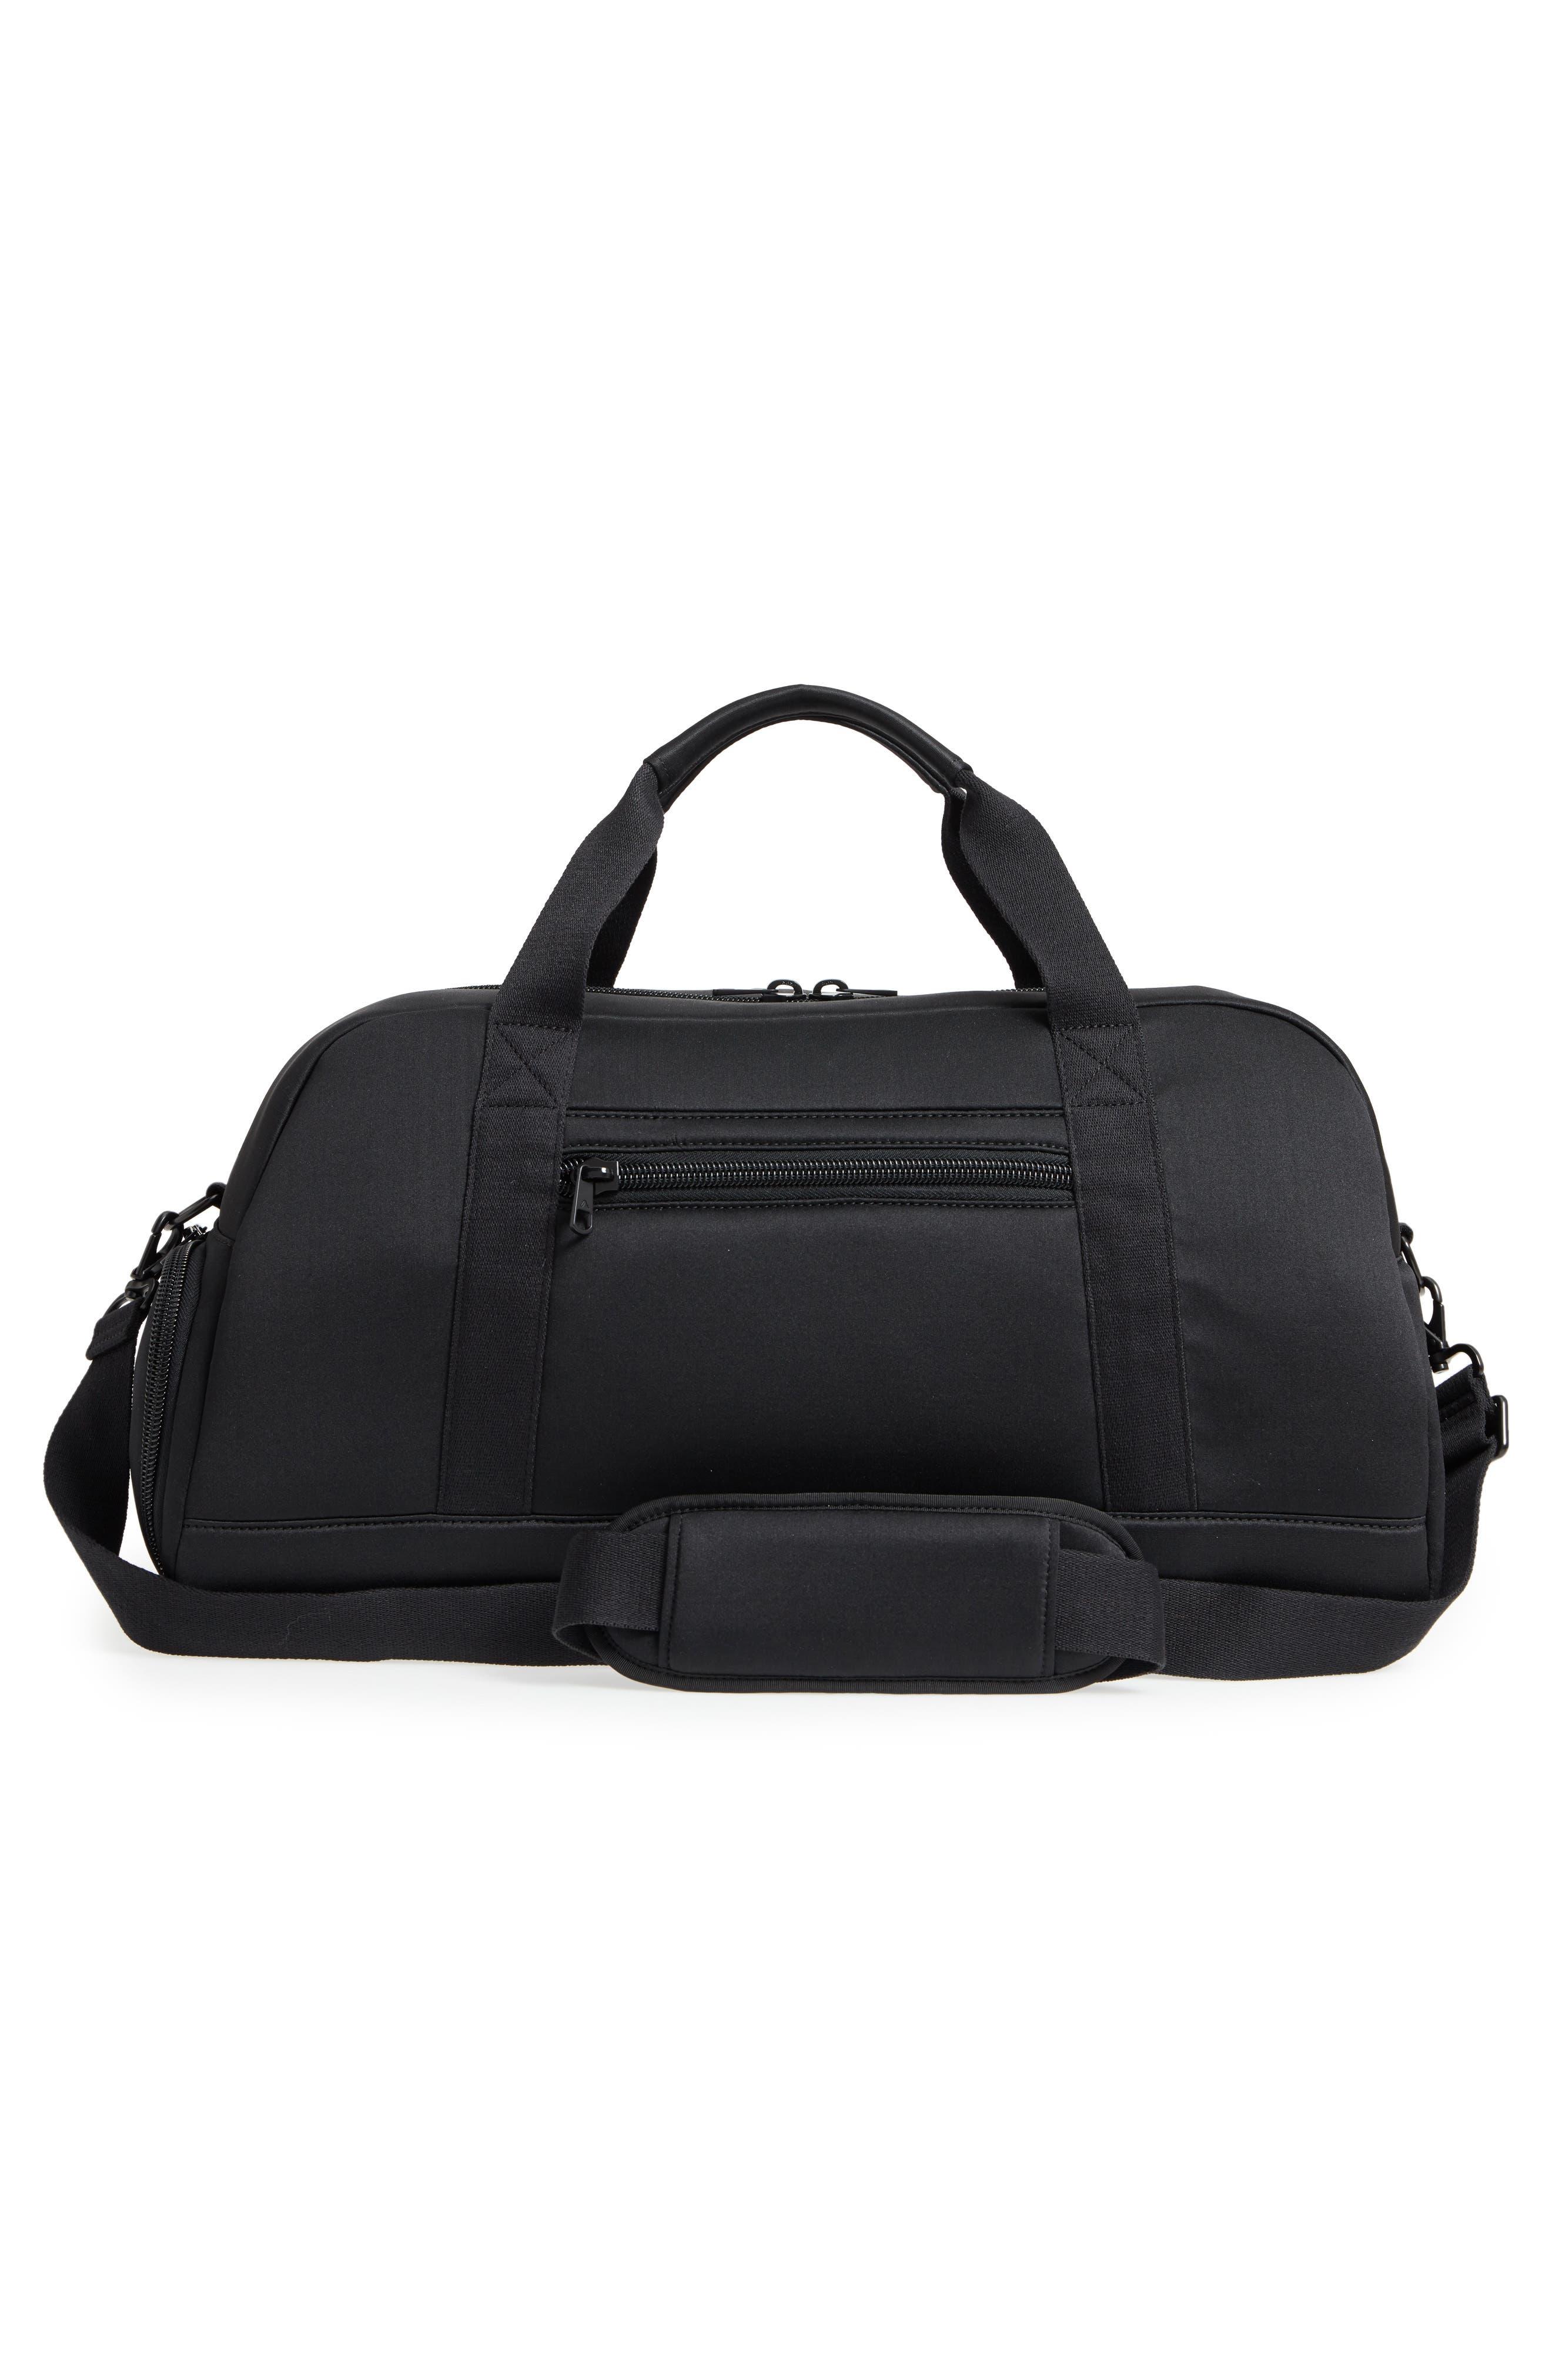 Franklin Neoprene Duffel Bag,                             Alternate thumbnail 2, color,                             Black